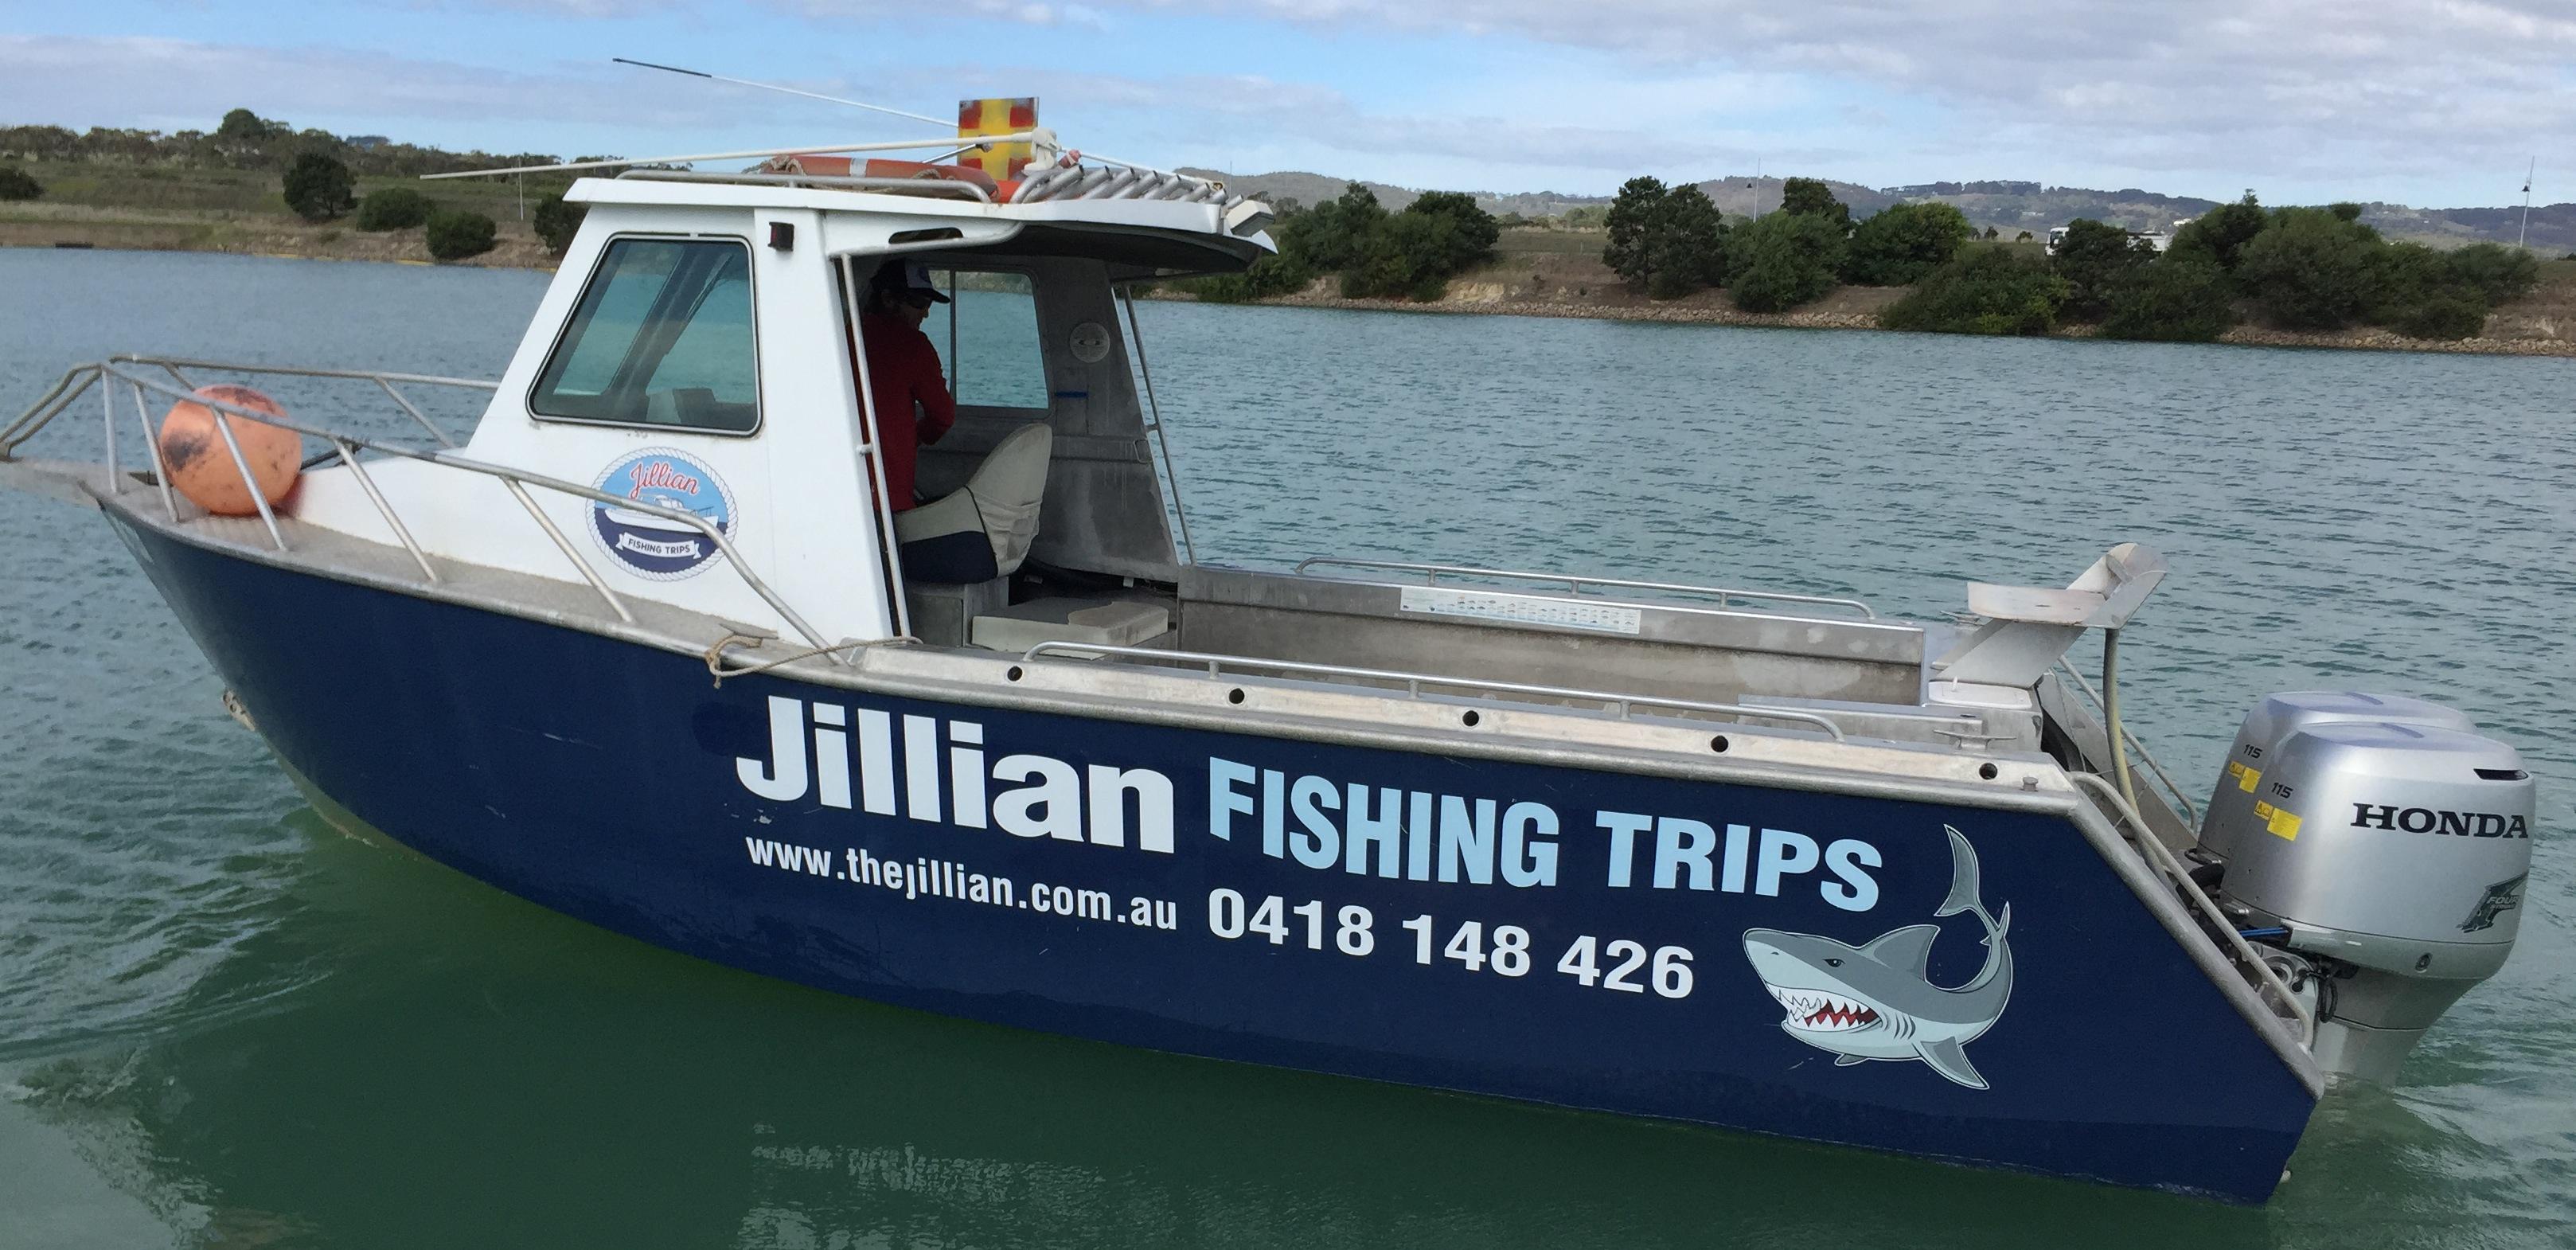 Jillian fishing trips the new boat for Fishing boat trips